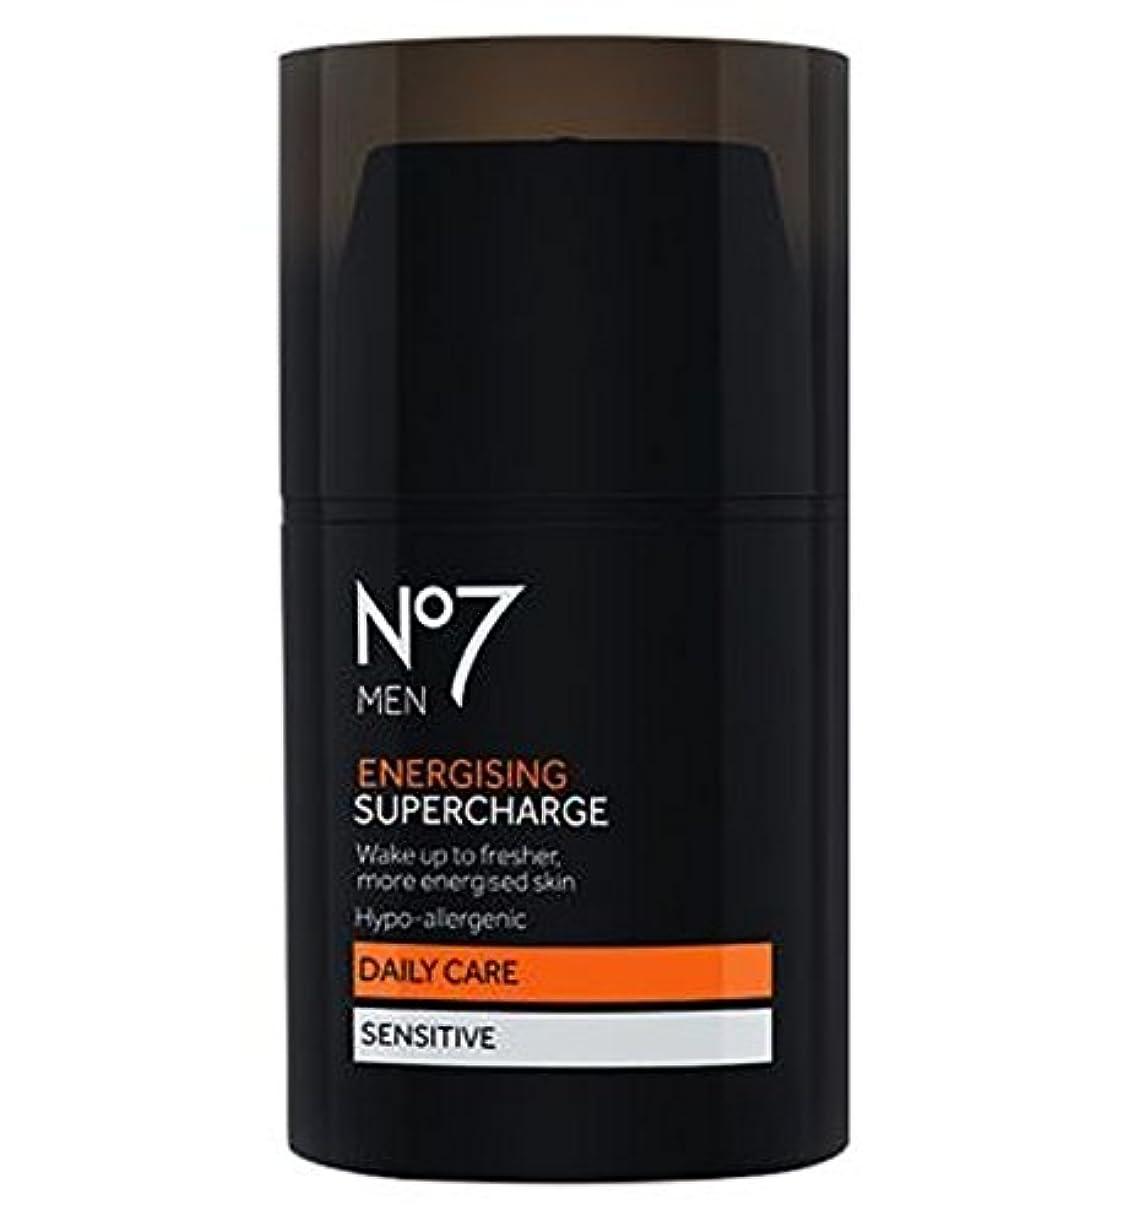 キリマンジャロ自分の力ですべてをするキャラクター過給を通電No7の男性 (No7) (x2) - No7 Men Energising Supercharge (Pack of 2) [並行輸入品]